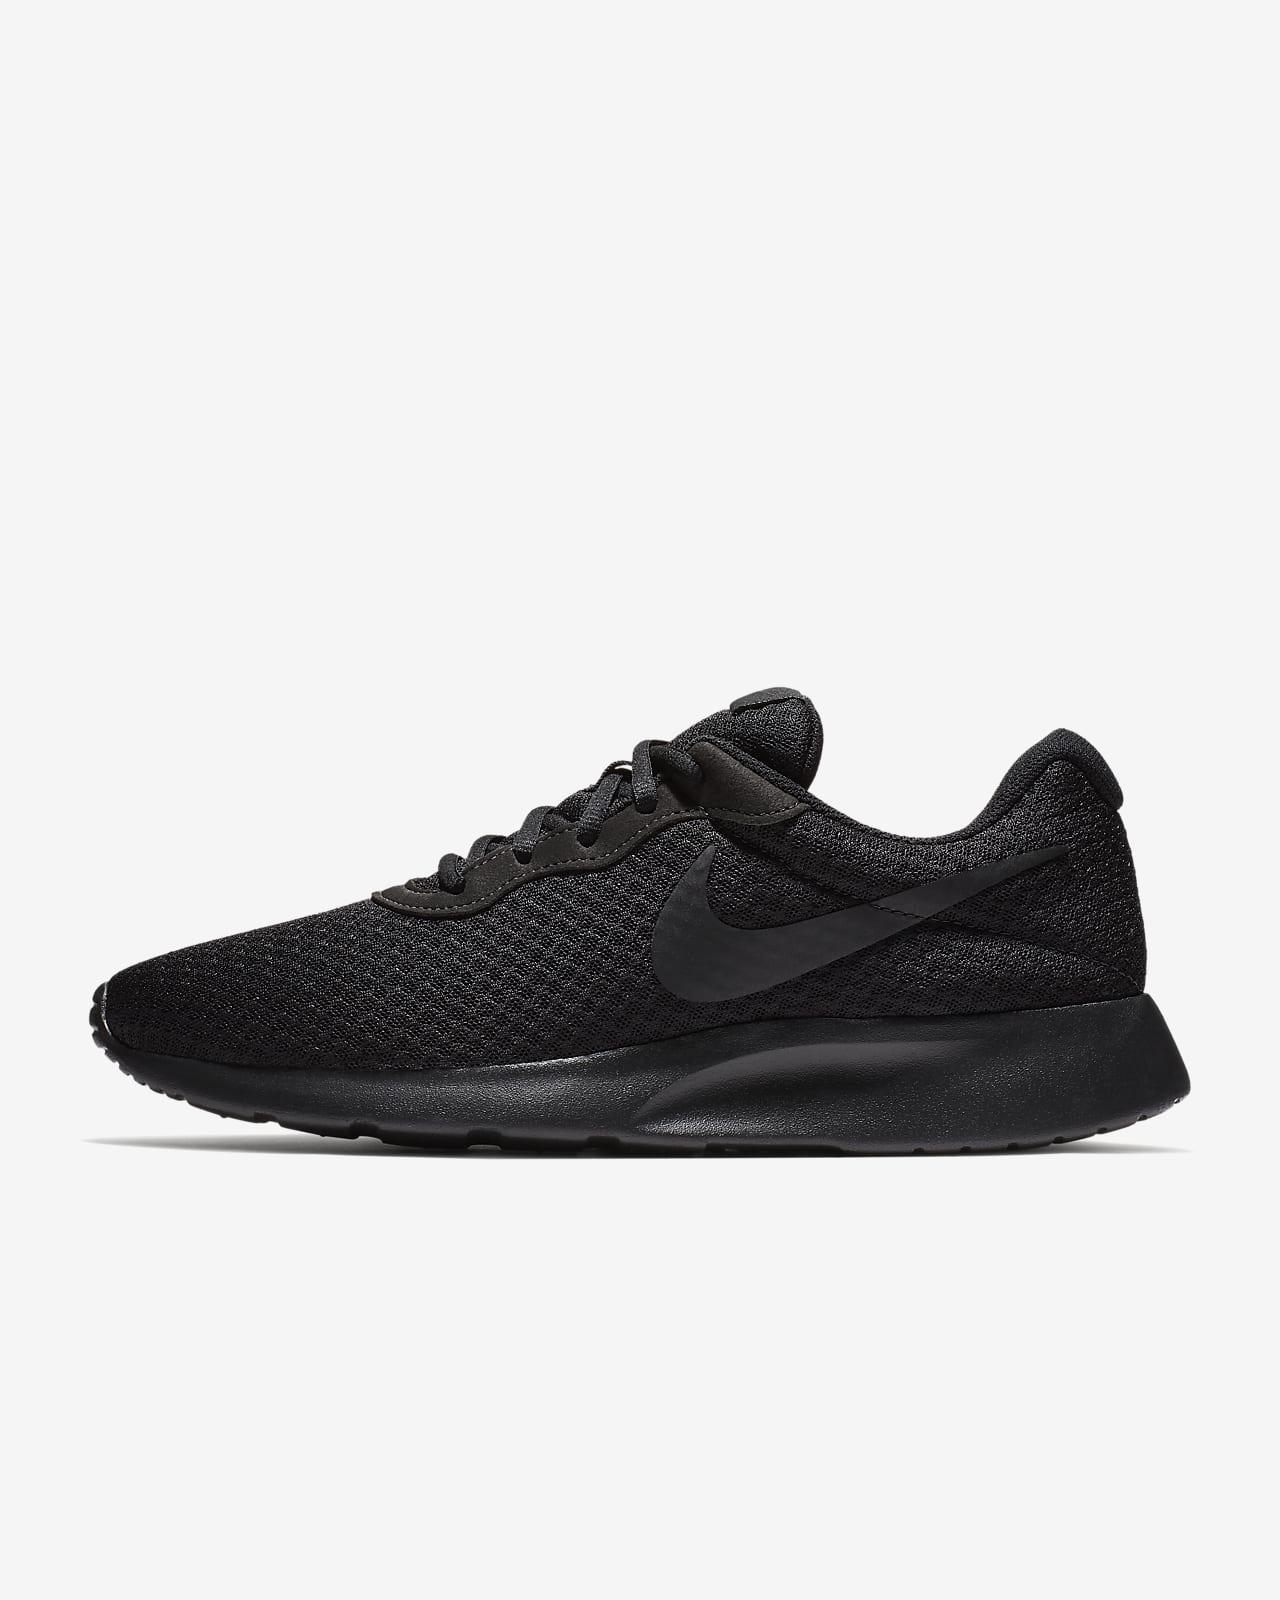 Sko Nike Tanjun för män